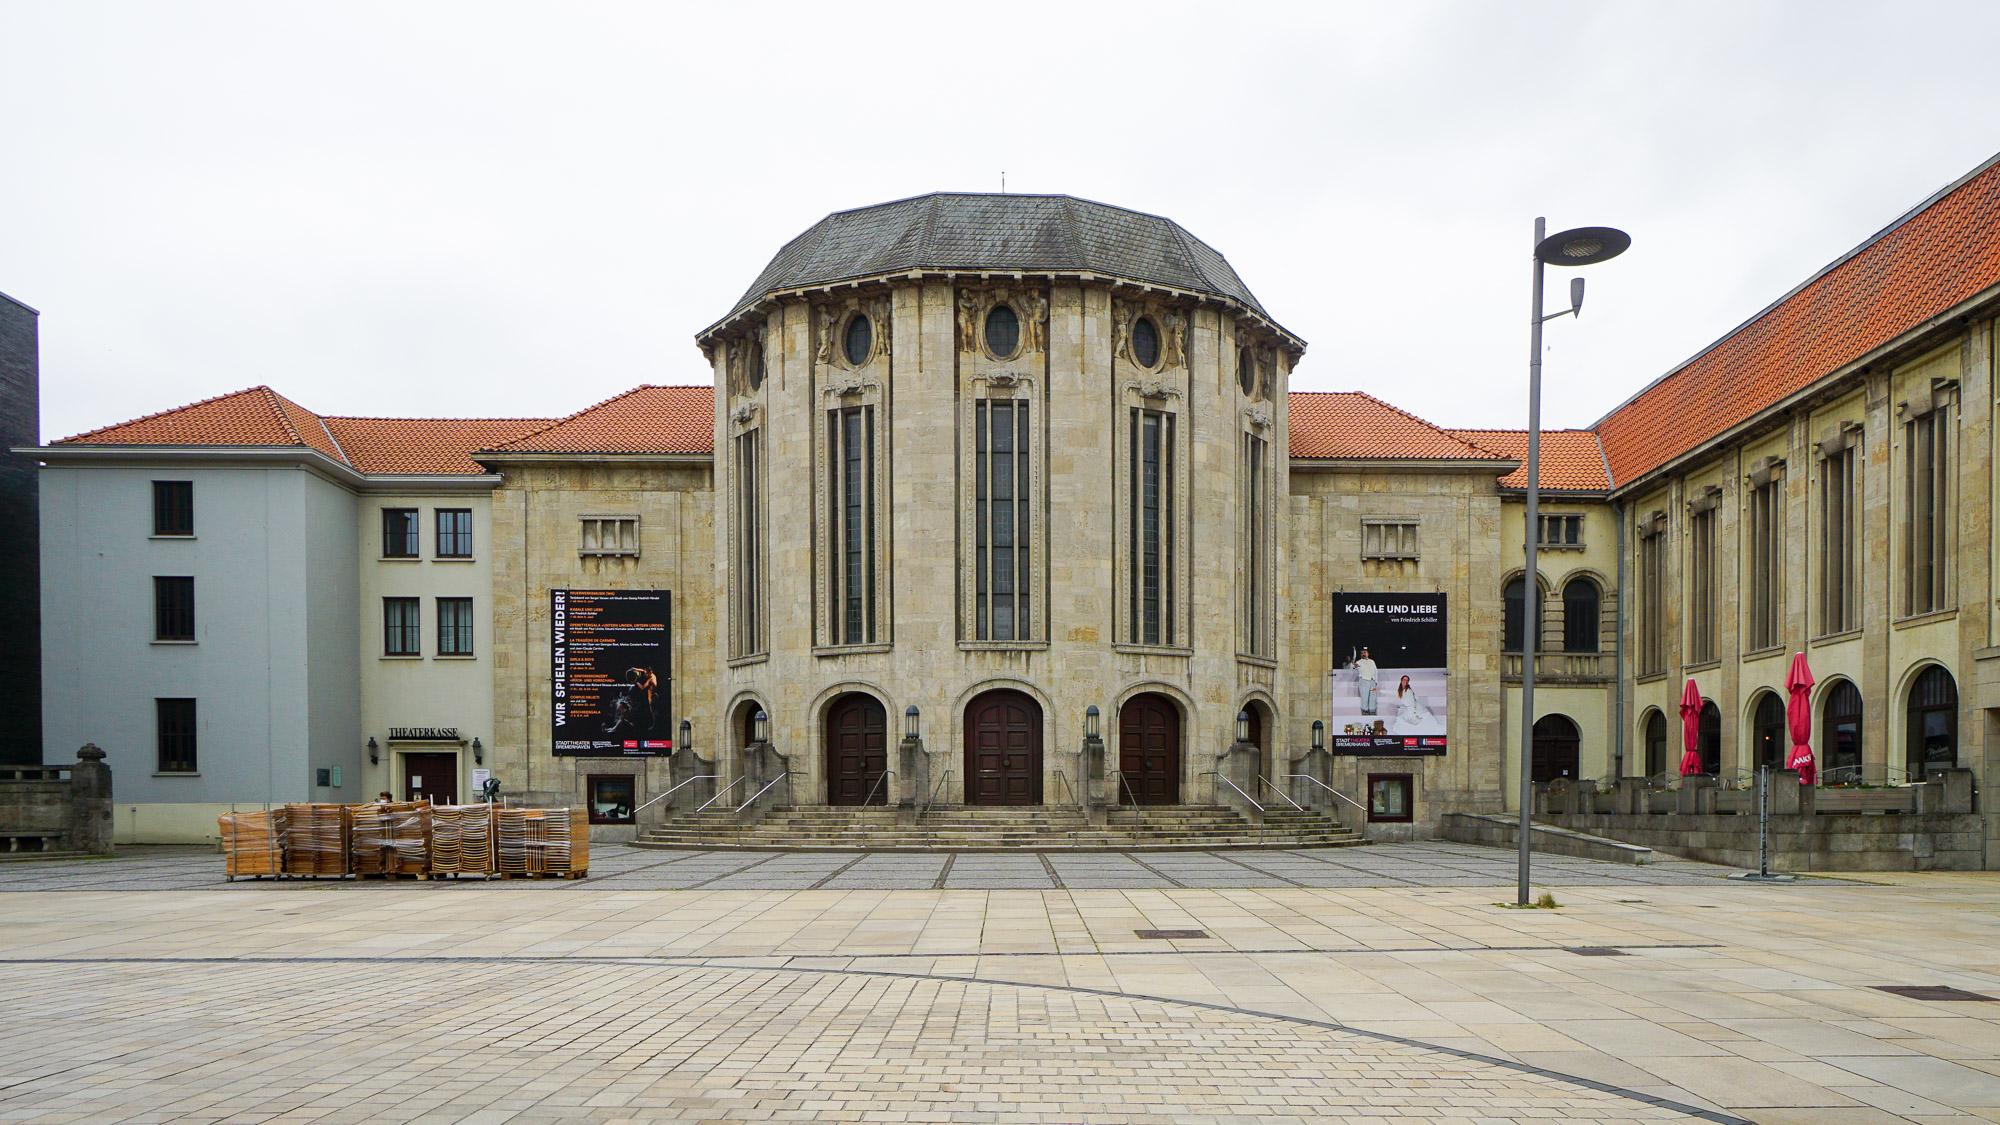 Theatergebäude aus Naturstein mit Veranstaltungsplakaten an der Fassade